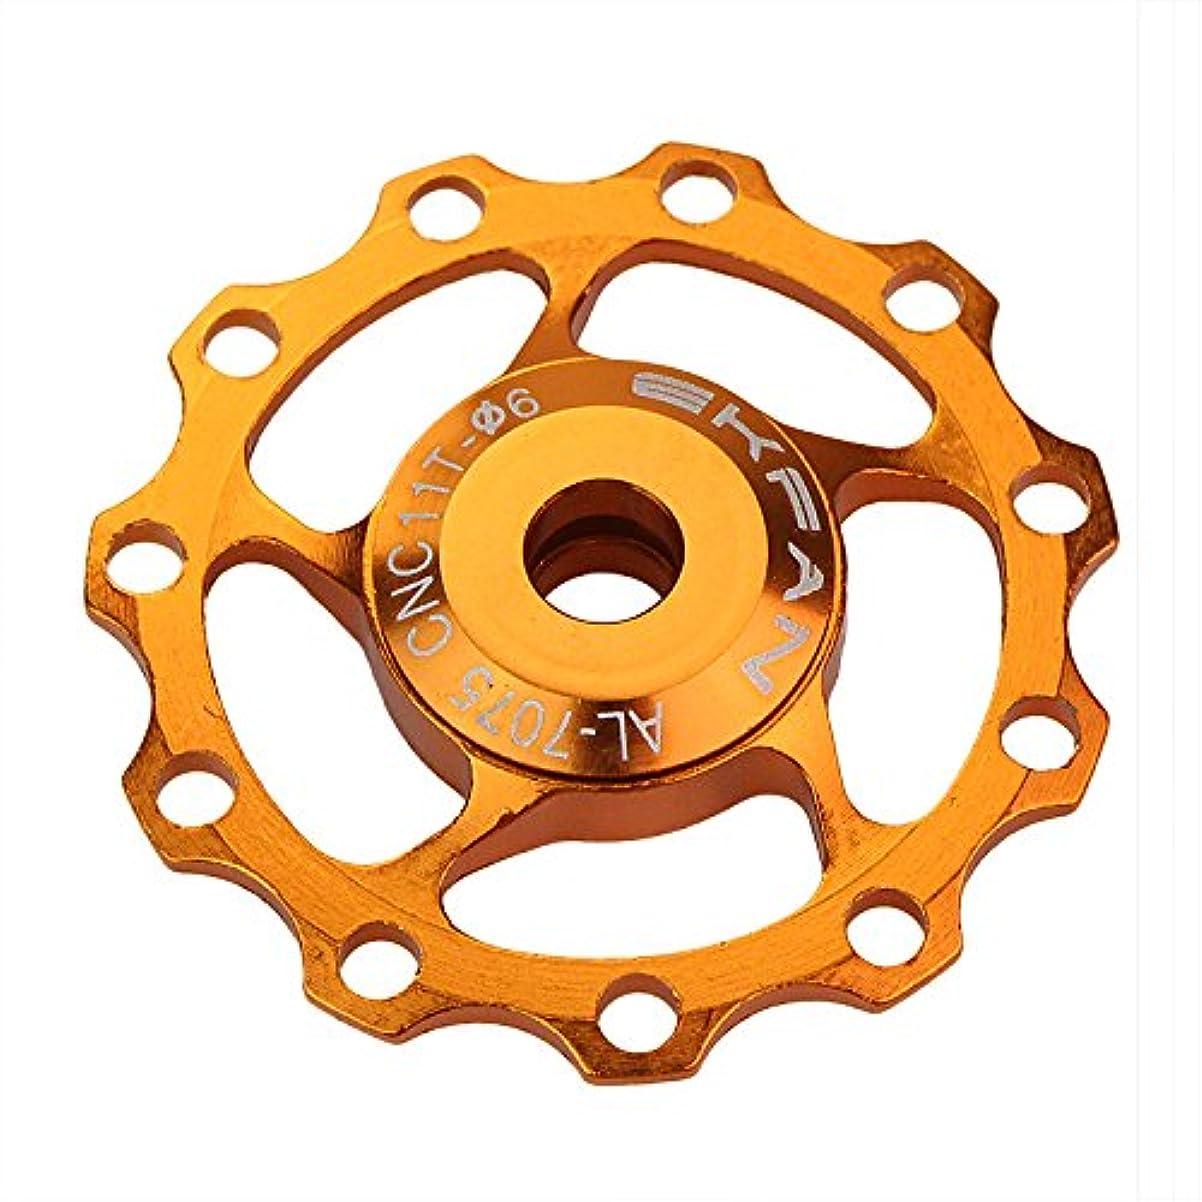 恨み悪用超えてEkfan11tアルミ合金mtb自転車リアディレイラー11tロードバイクガイドローラアイ部分サイクリングアクセサリー_オレンジ